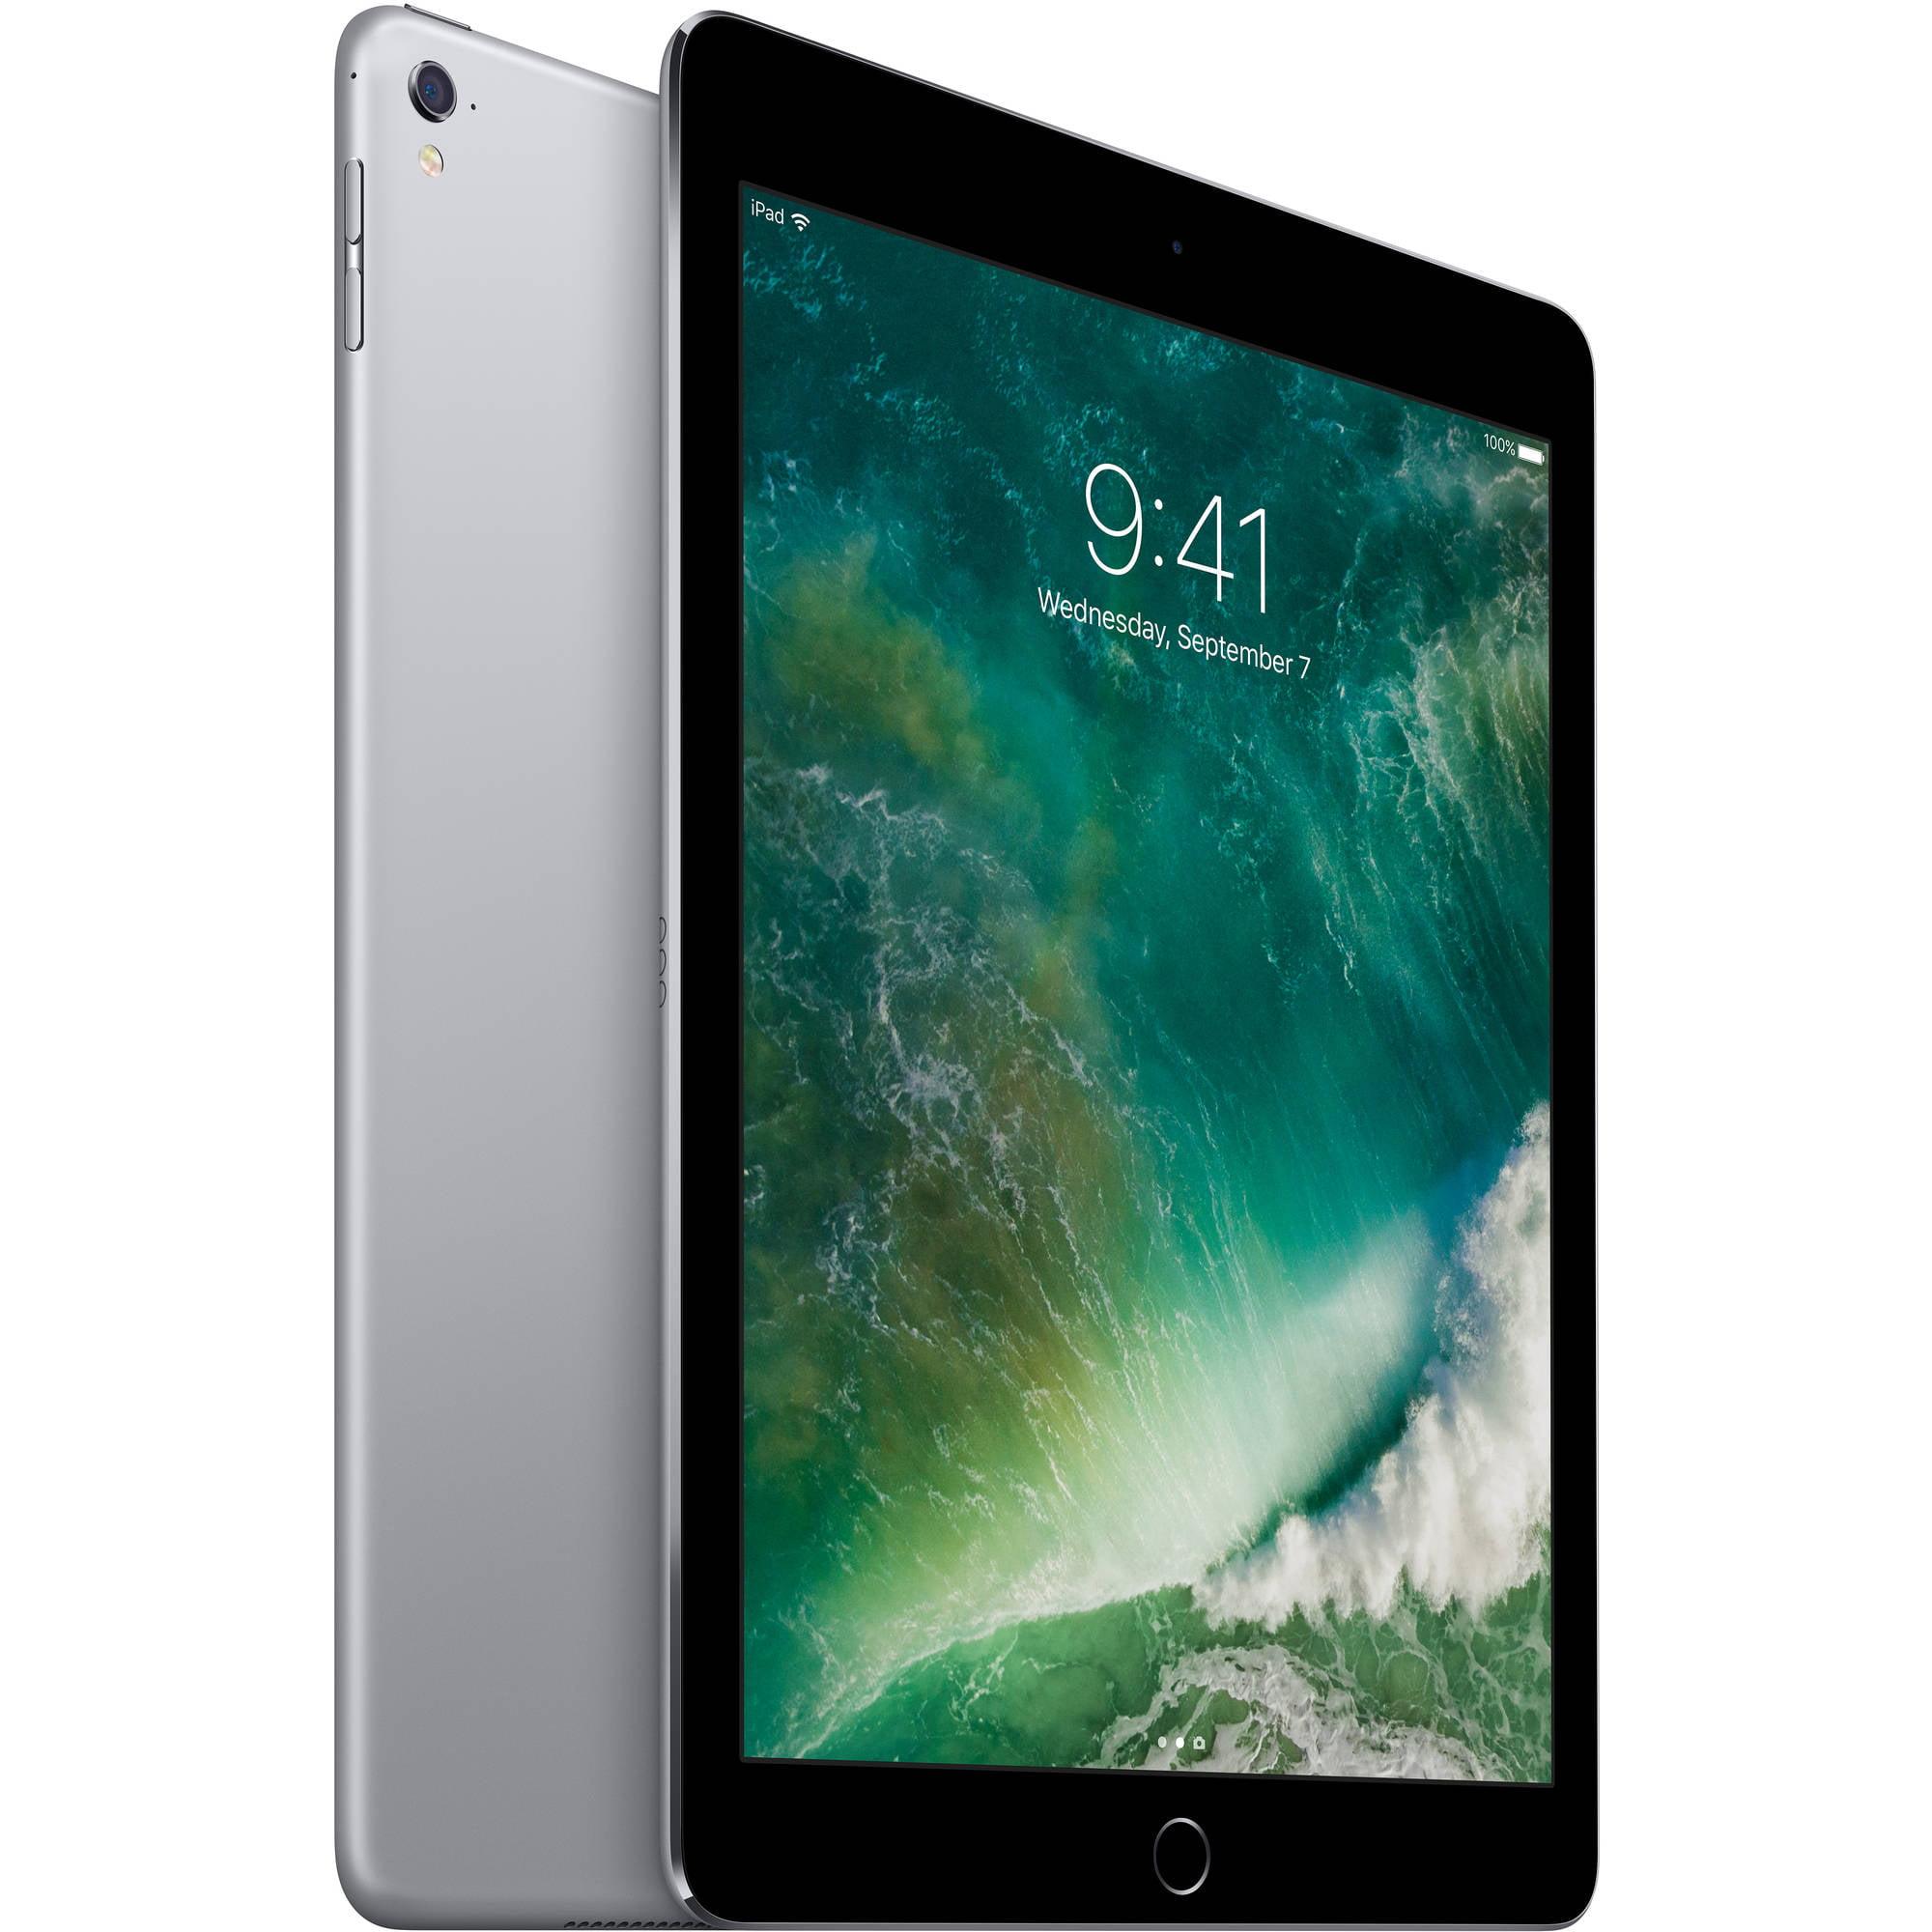 Apple 9.7-inch iPad Pro 32GB Wi-Fi Refurbished